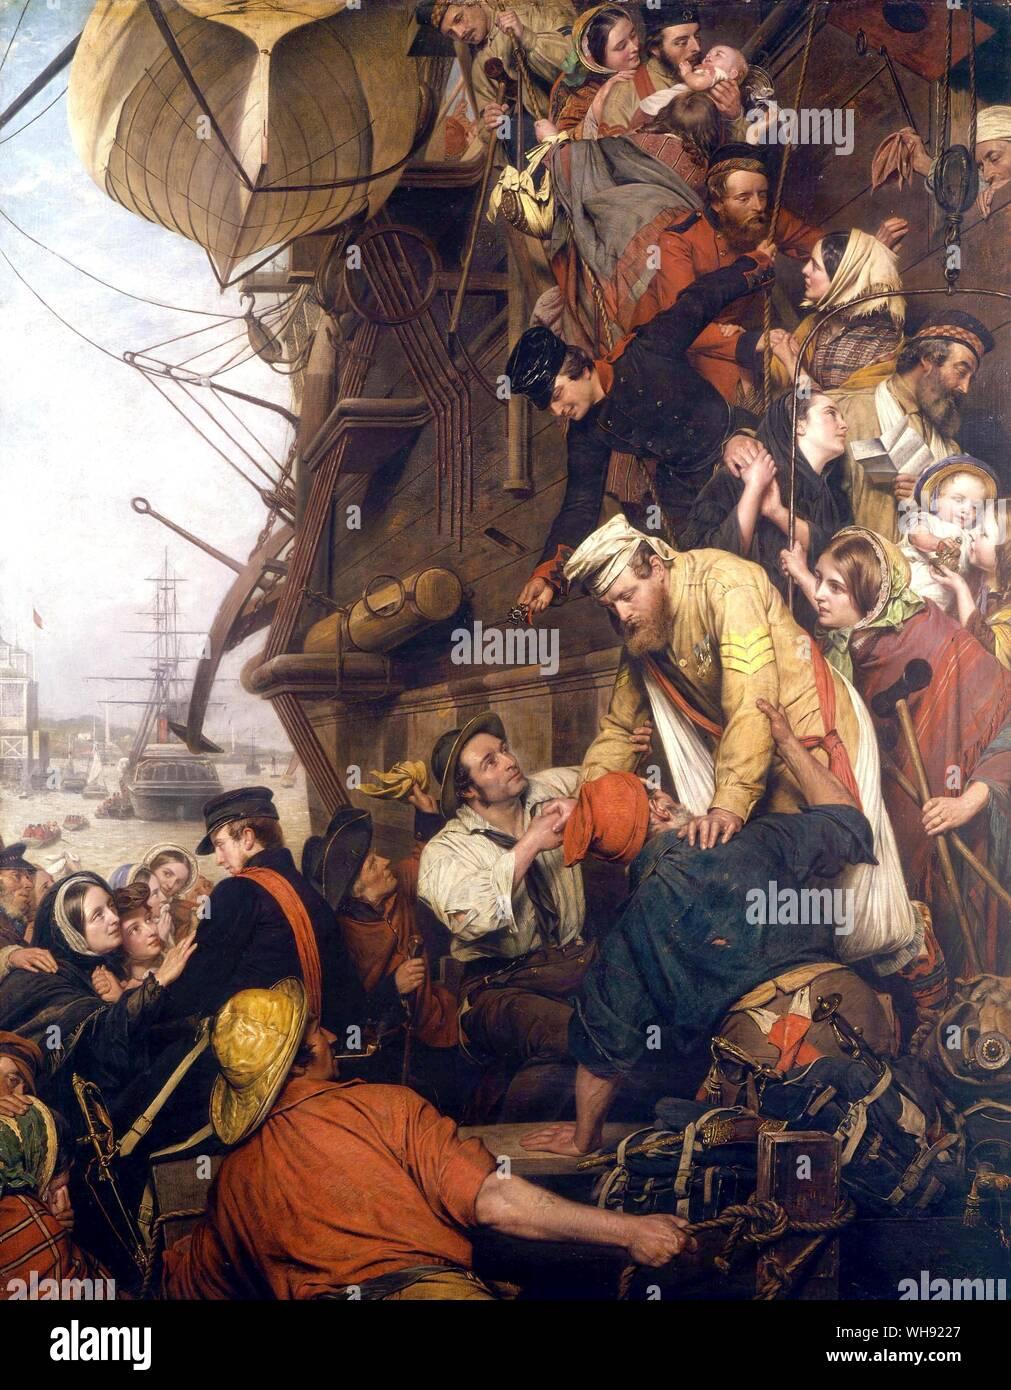 Nuevo hogar - 1858. Por Henry Nelson O'Neill (1817-80). Colección privada - Consejo Nacional de Museo del Ejército, Londres, Reino Unido. De nuevo en casa, muestran a soldados de desembarcar desde un troopship en Gravesend, regresando del Motín indio (1857-1859). Hacia el este de la ciudad de Ho! Agosto de 1857, por Henry Nelson O'Neil muestra el drama vivo de soldados a bordo de un barco en Gravesend. Ellos están dejando a luchar en el Océano 'Mutiny' - la primera guerra de independencia india en 1857. El compañero de pintar de nuevo en casa, 1858 muestra el regreso de los soldados un año más tarde. Foto de stock